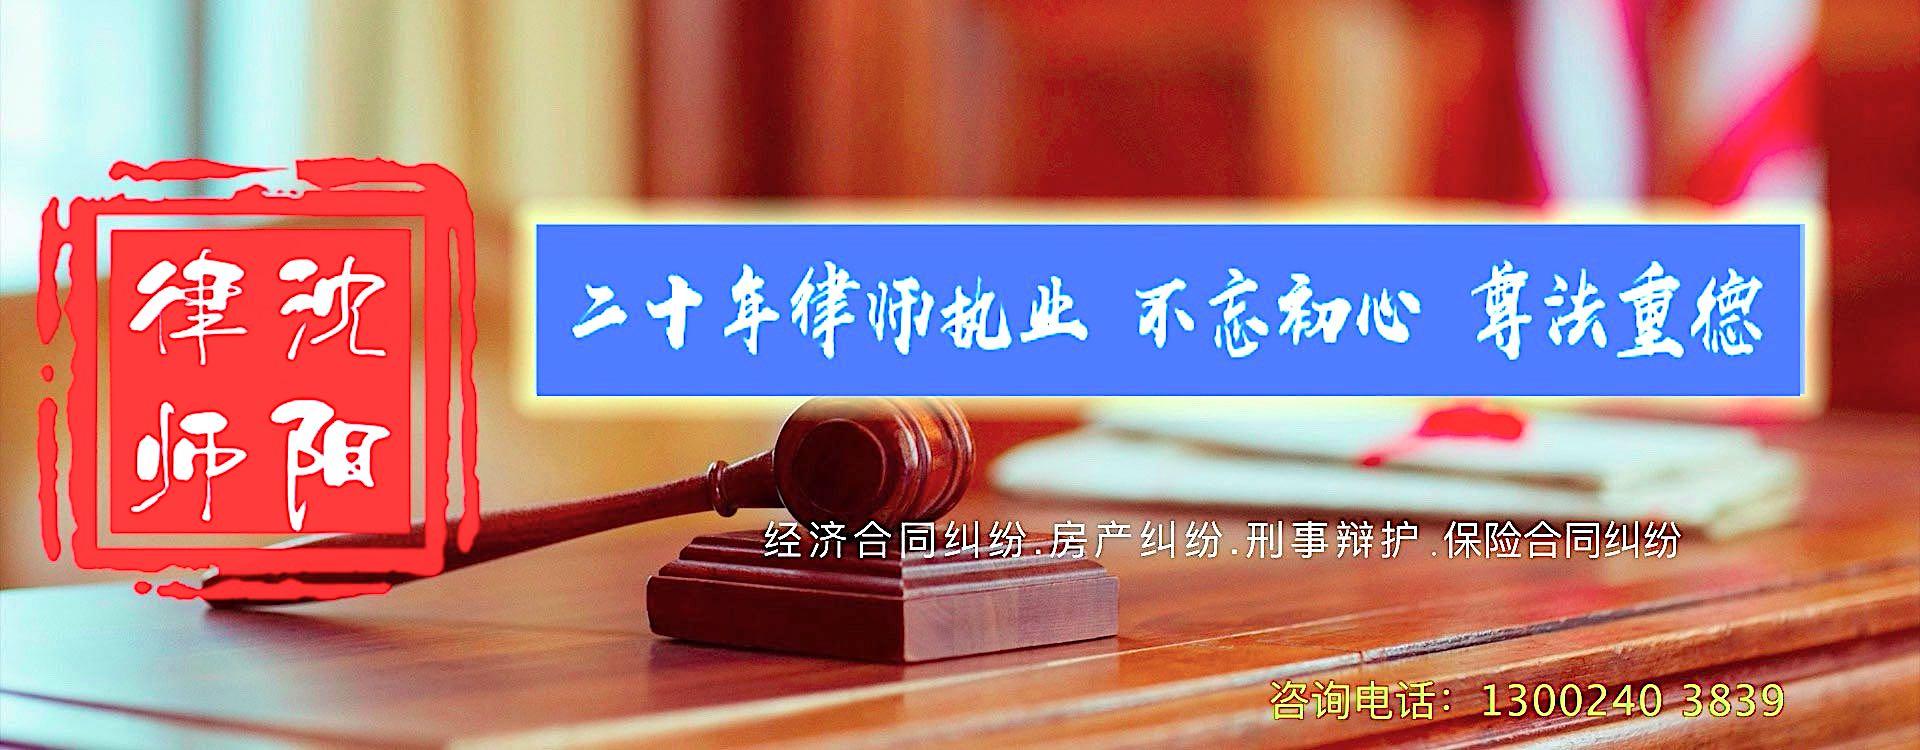 沈阳律师咨询